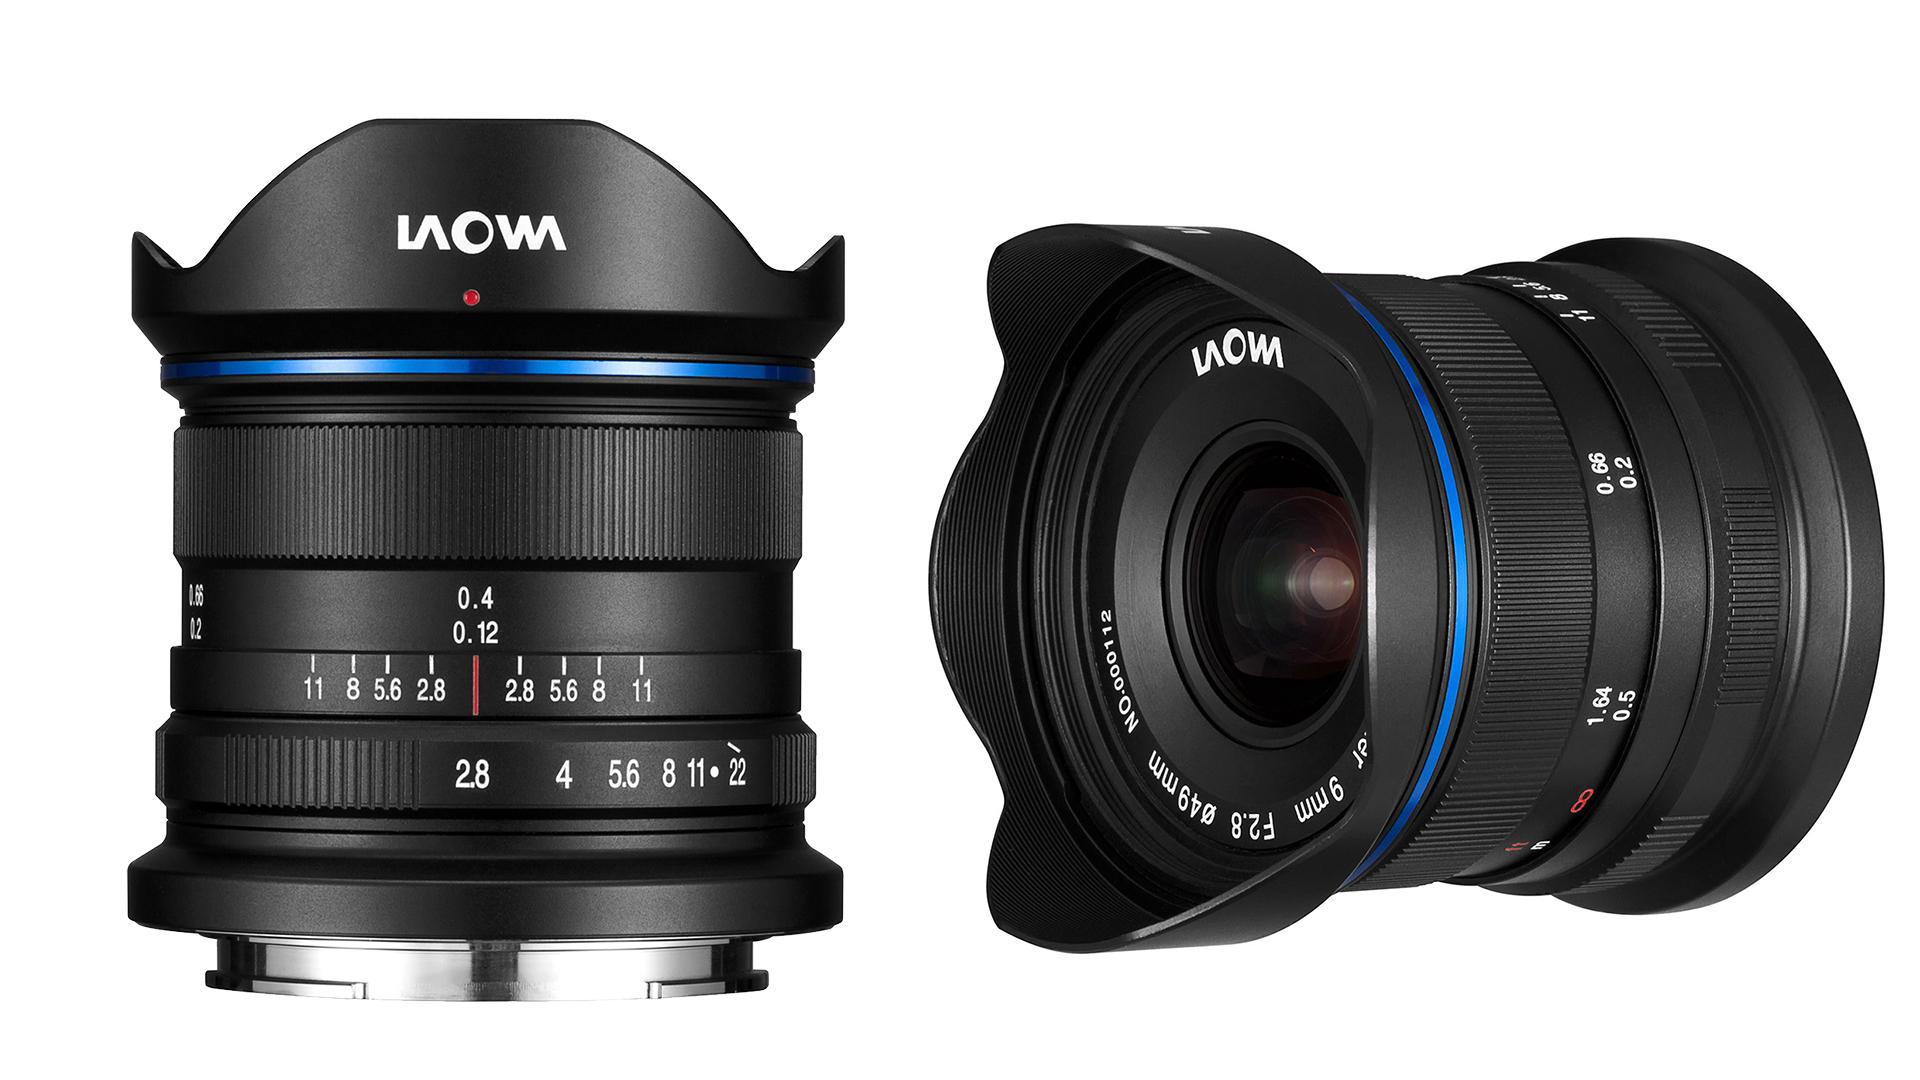 Venus OpticsがLaowa 9mm f/2.8を発表 - APS-Cの世界最広角レクティリニア・レンズ